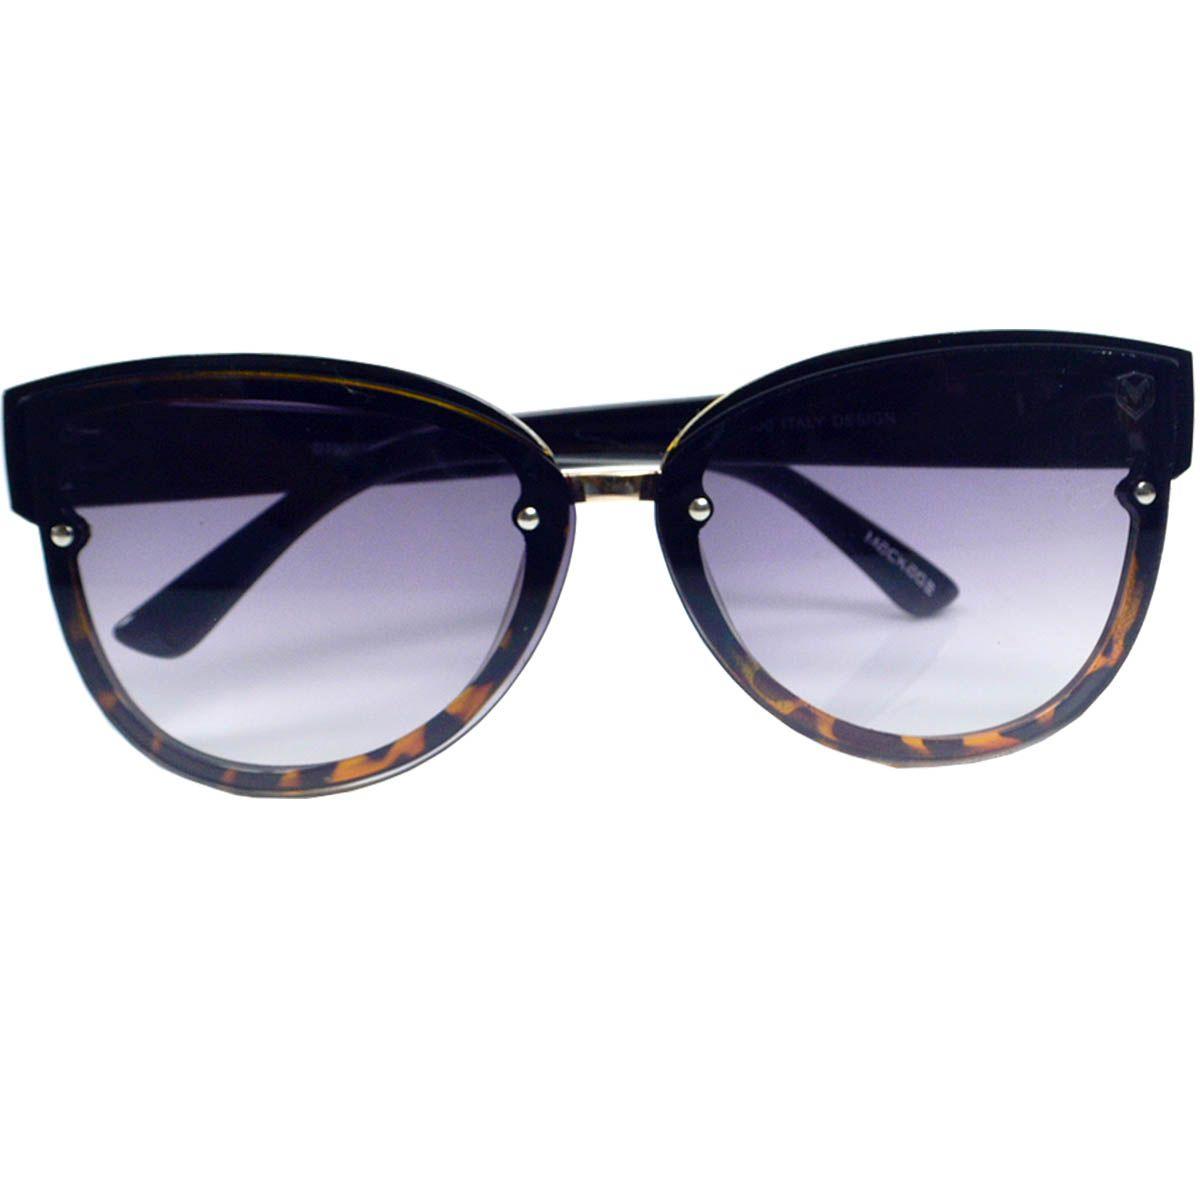 91d846b34f523 ... Óculos de Sol Feminino Mackage MK92011PT Preto Tarta - Mackage ...